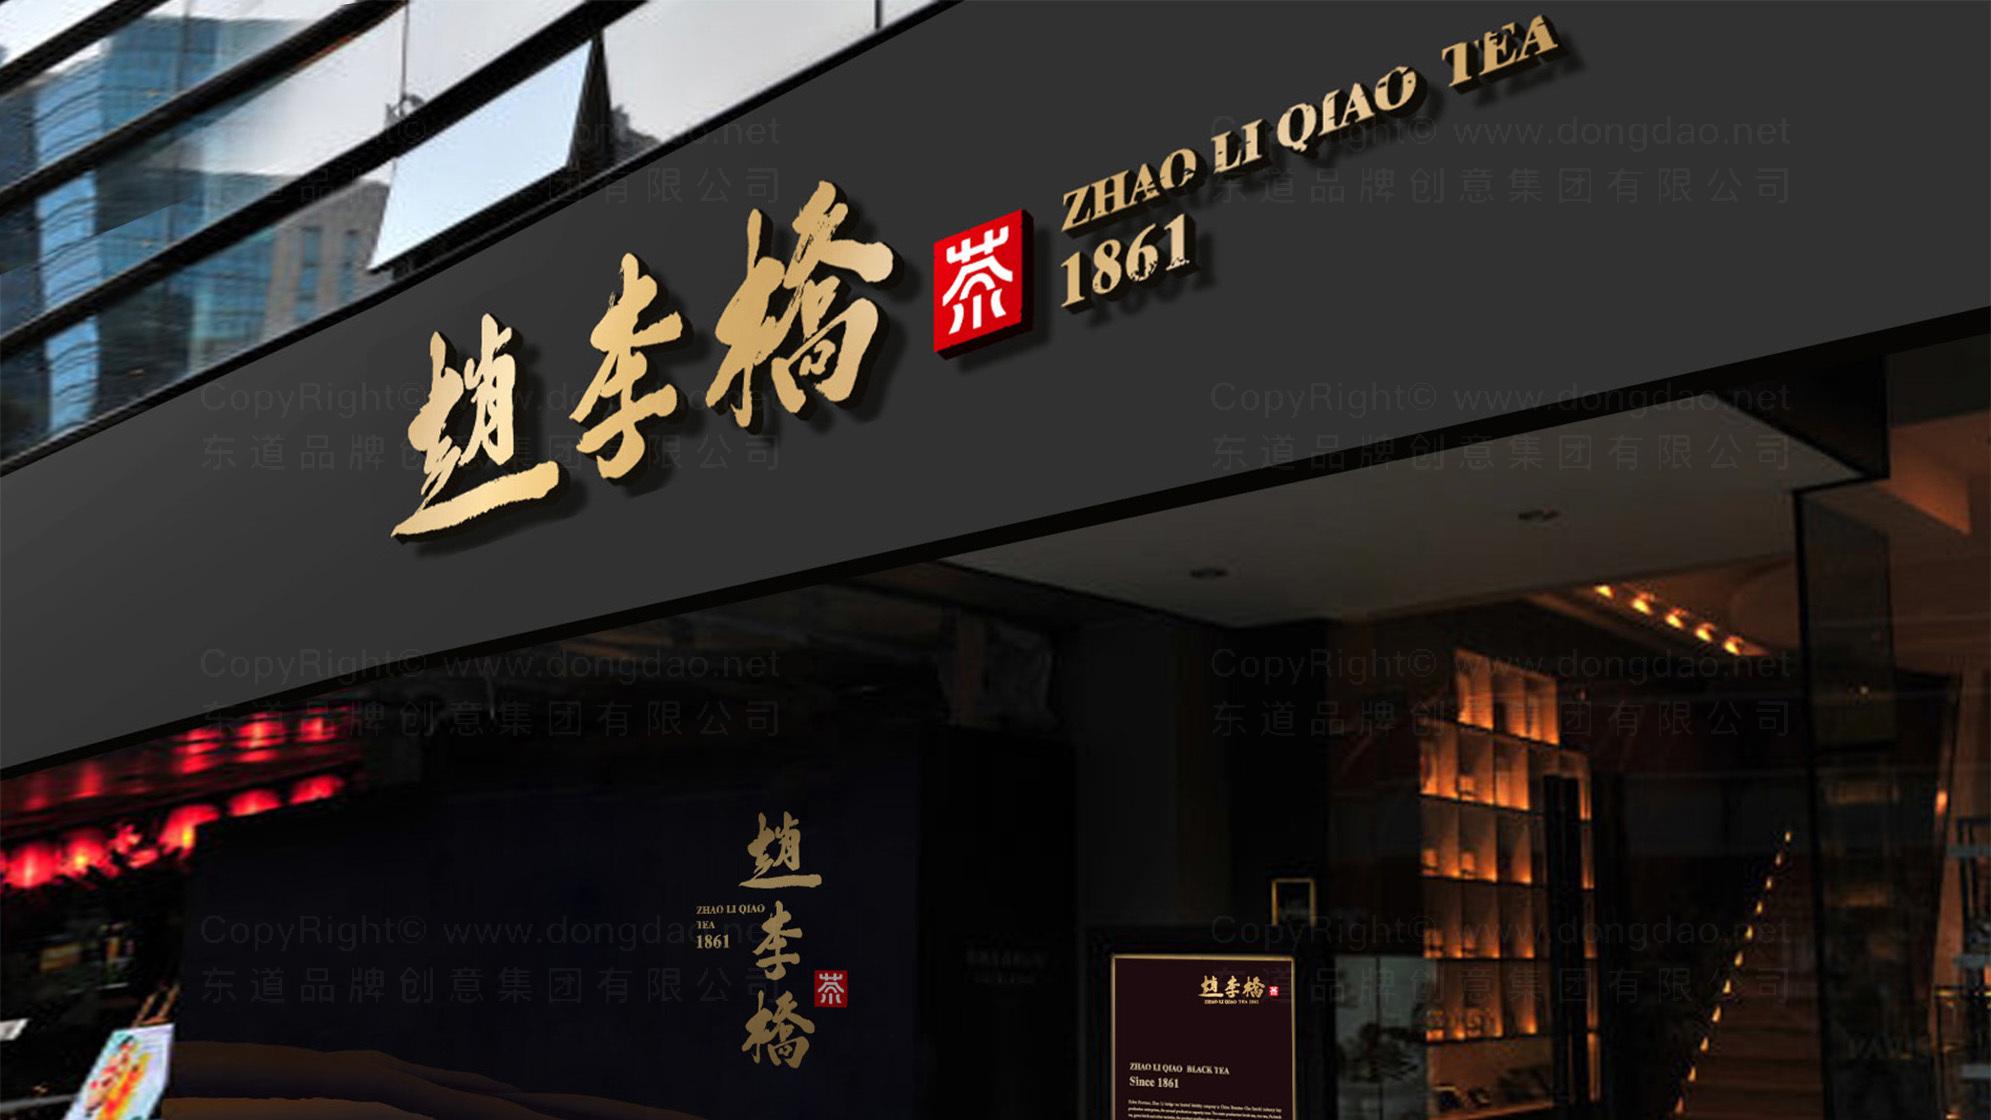 品牌设计赵李桥LOGO&VI设计应用场景_3